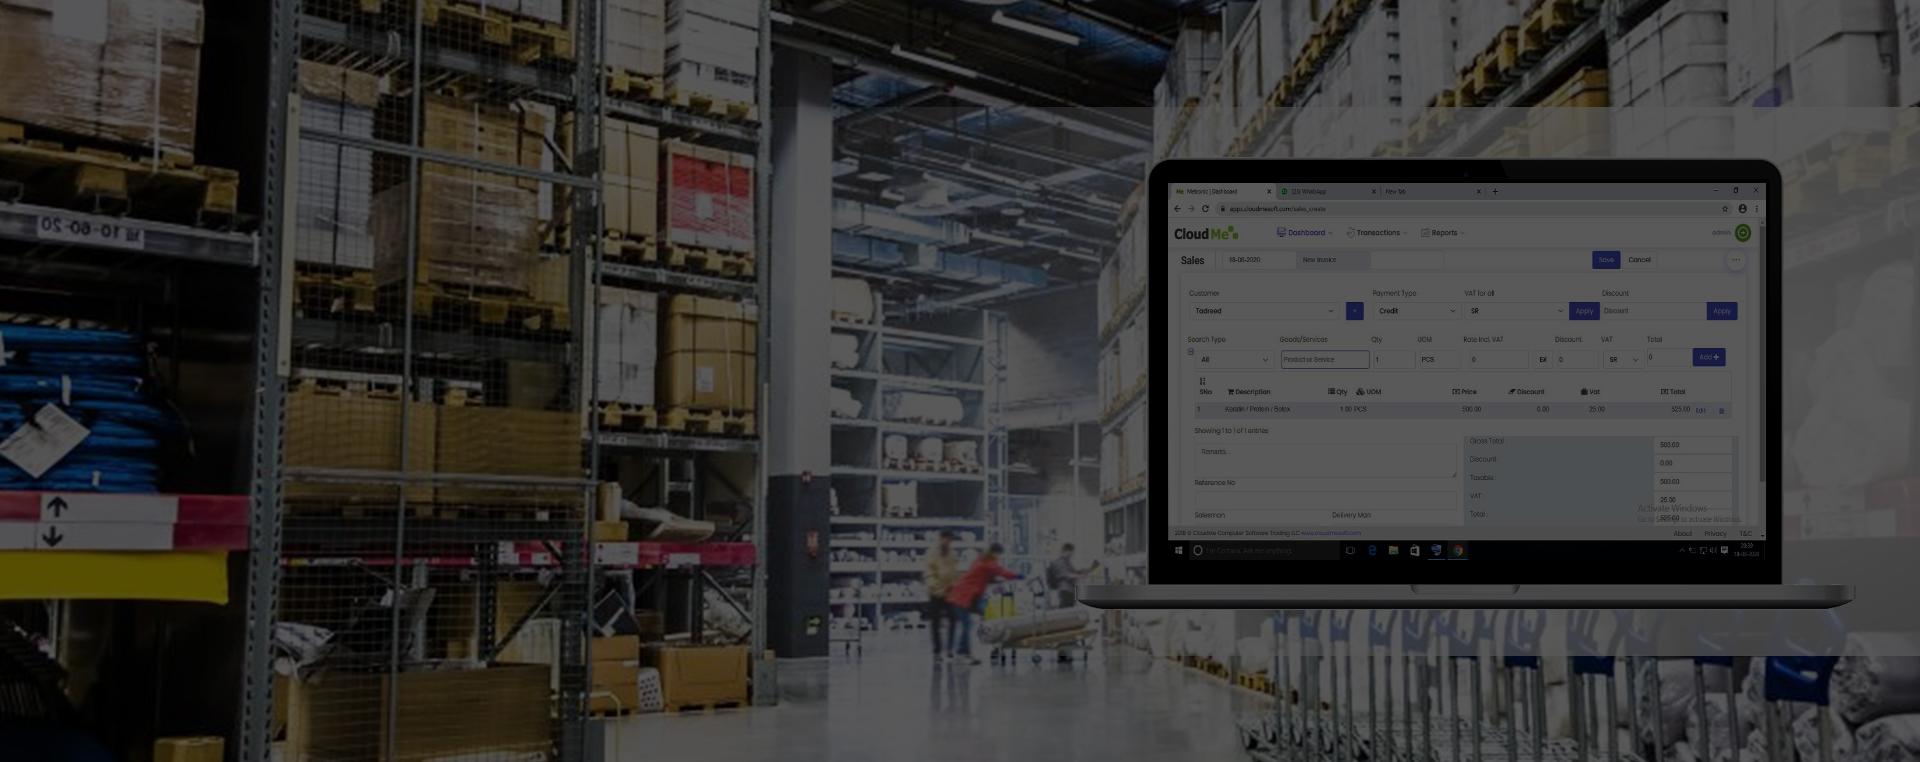 Wholesale Management System